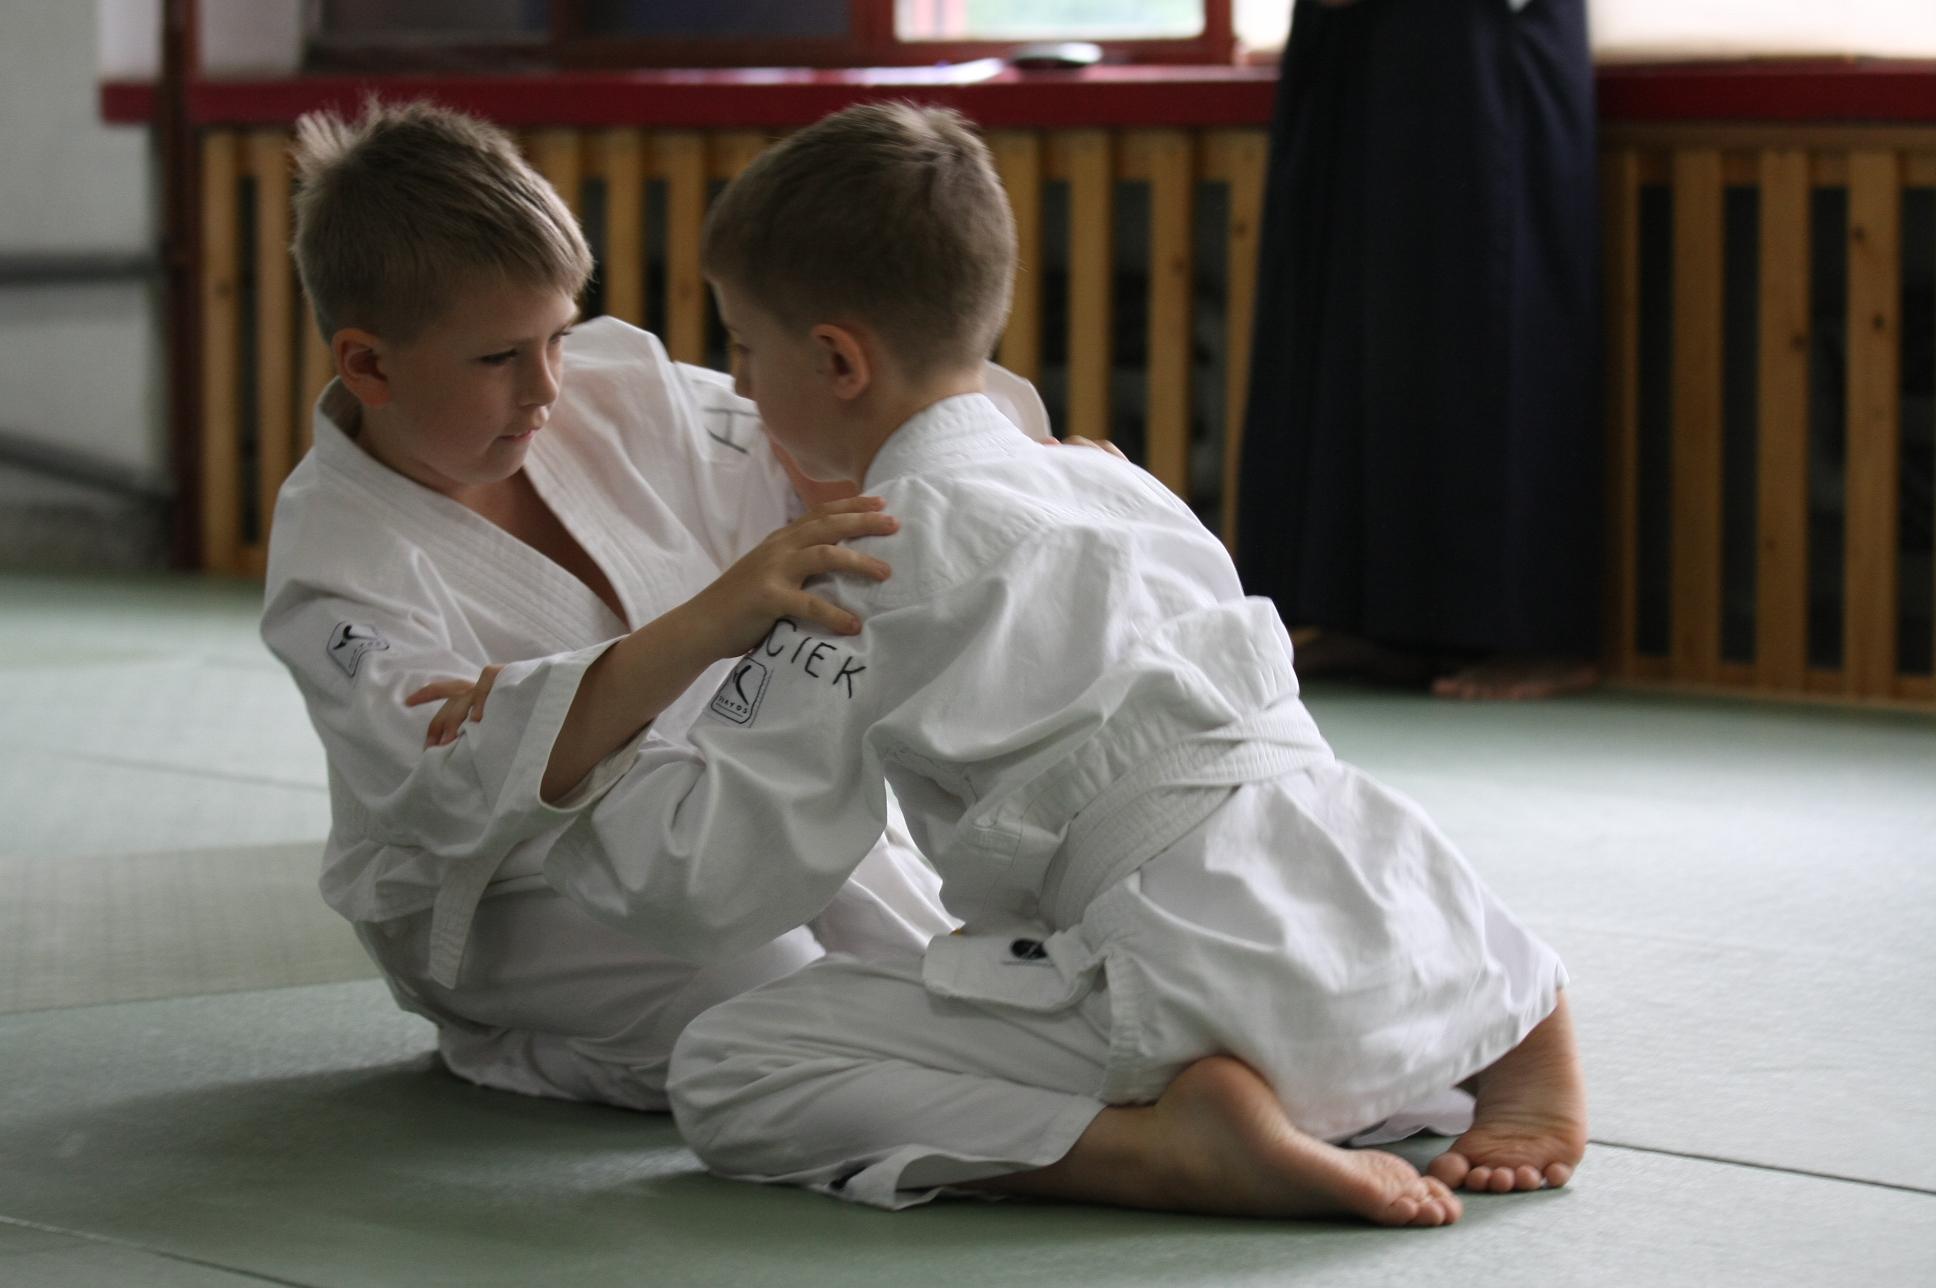 Ćwiczenie Aikido dla dzieci